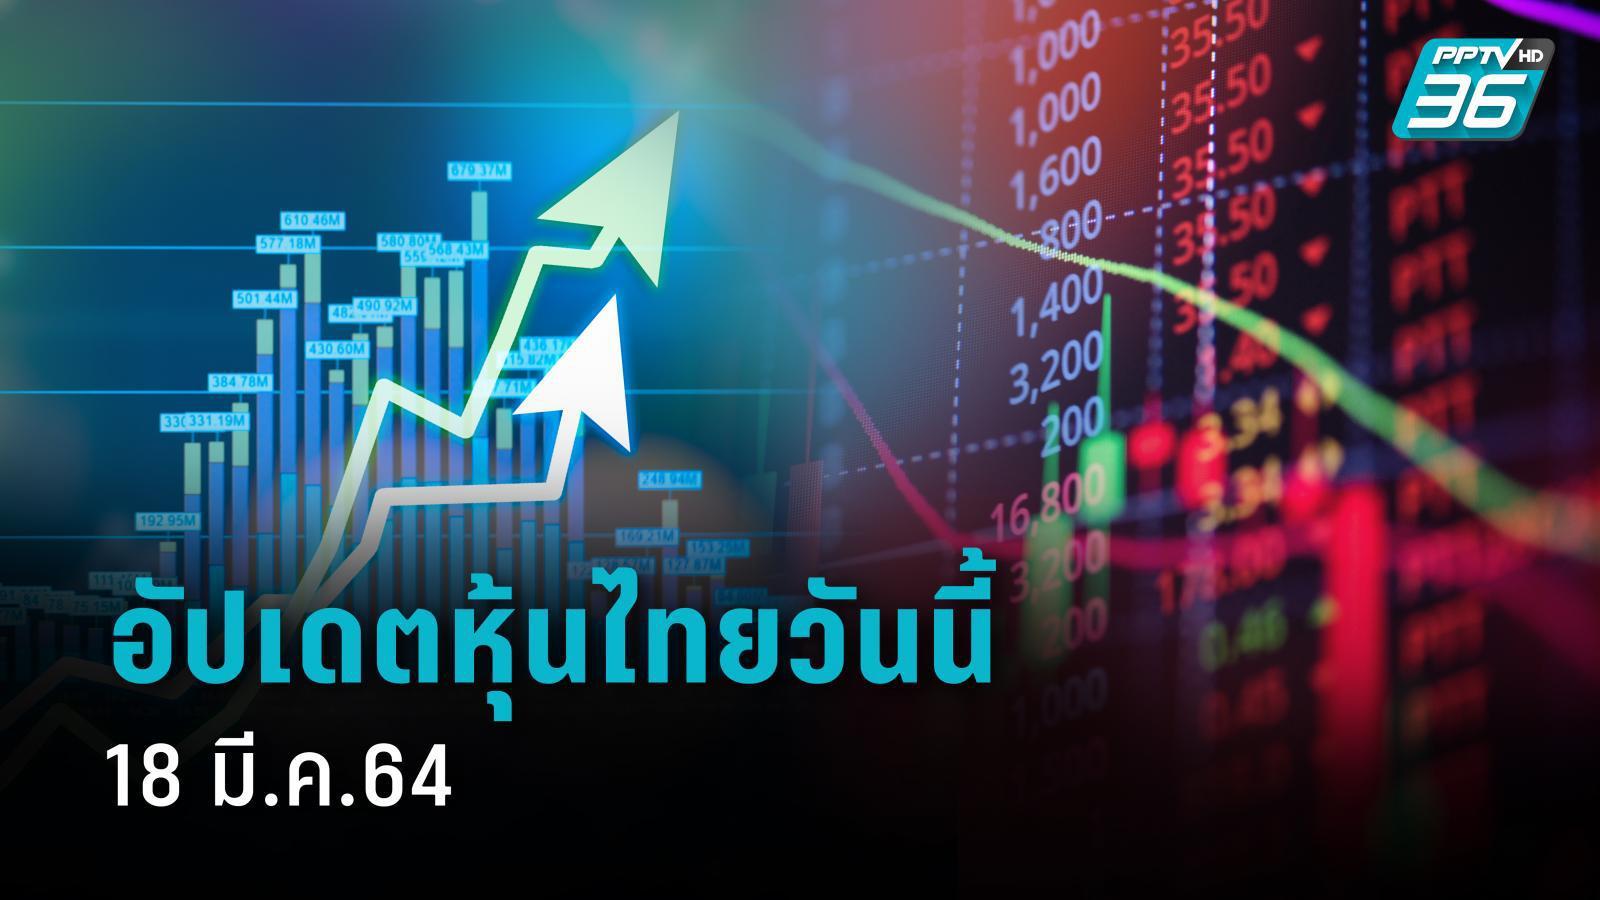 แนวโน้มหุ้นไทย (18 มี.ค.64) ปิดการซื้อขายเช้า 1,577.86 จุด ปรับขึ้น +11.10 จุด